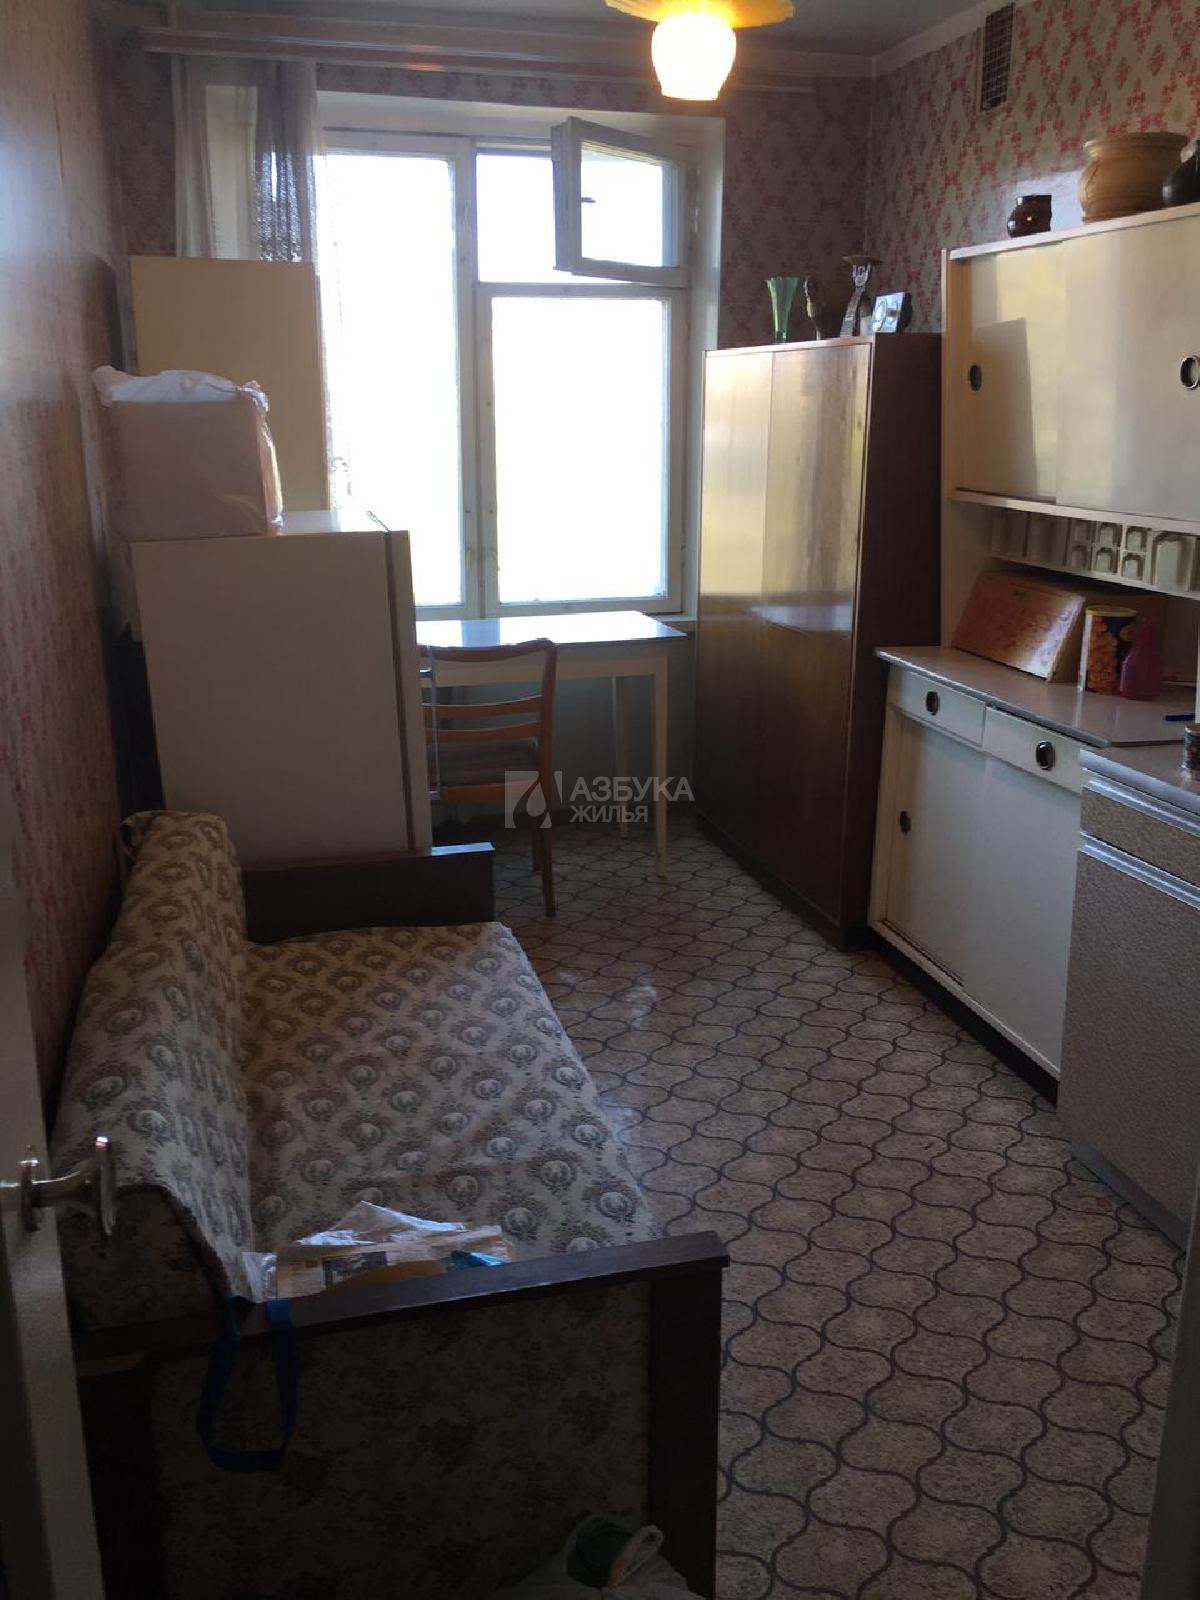 Фото №8 - 1-комнатная квартира, Москва, Шумилова улица 13 корпус 2, метро Кузьминки